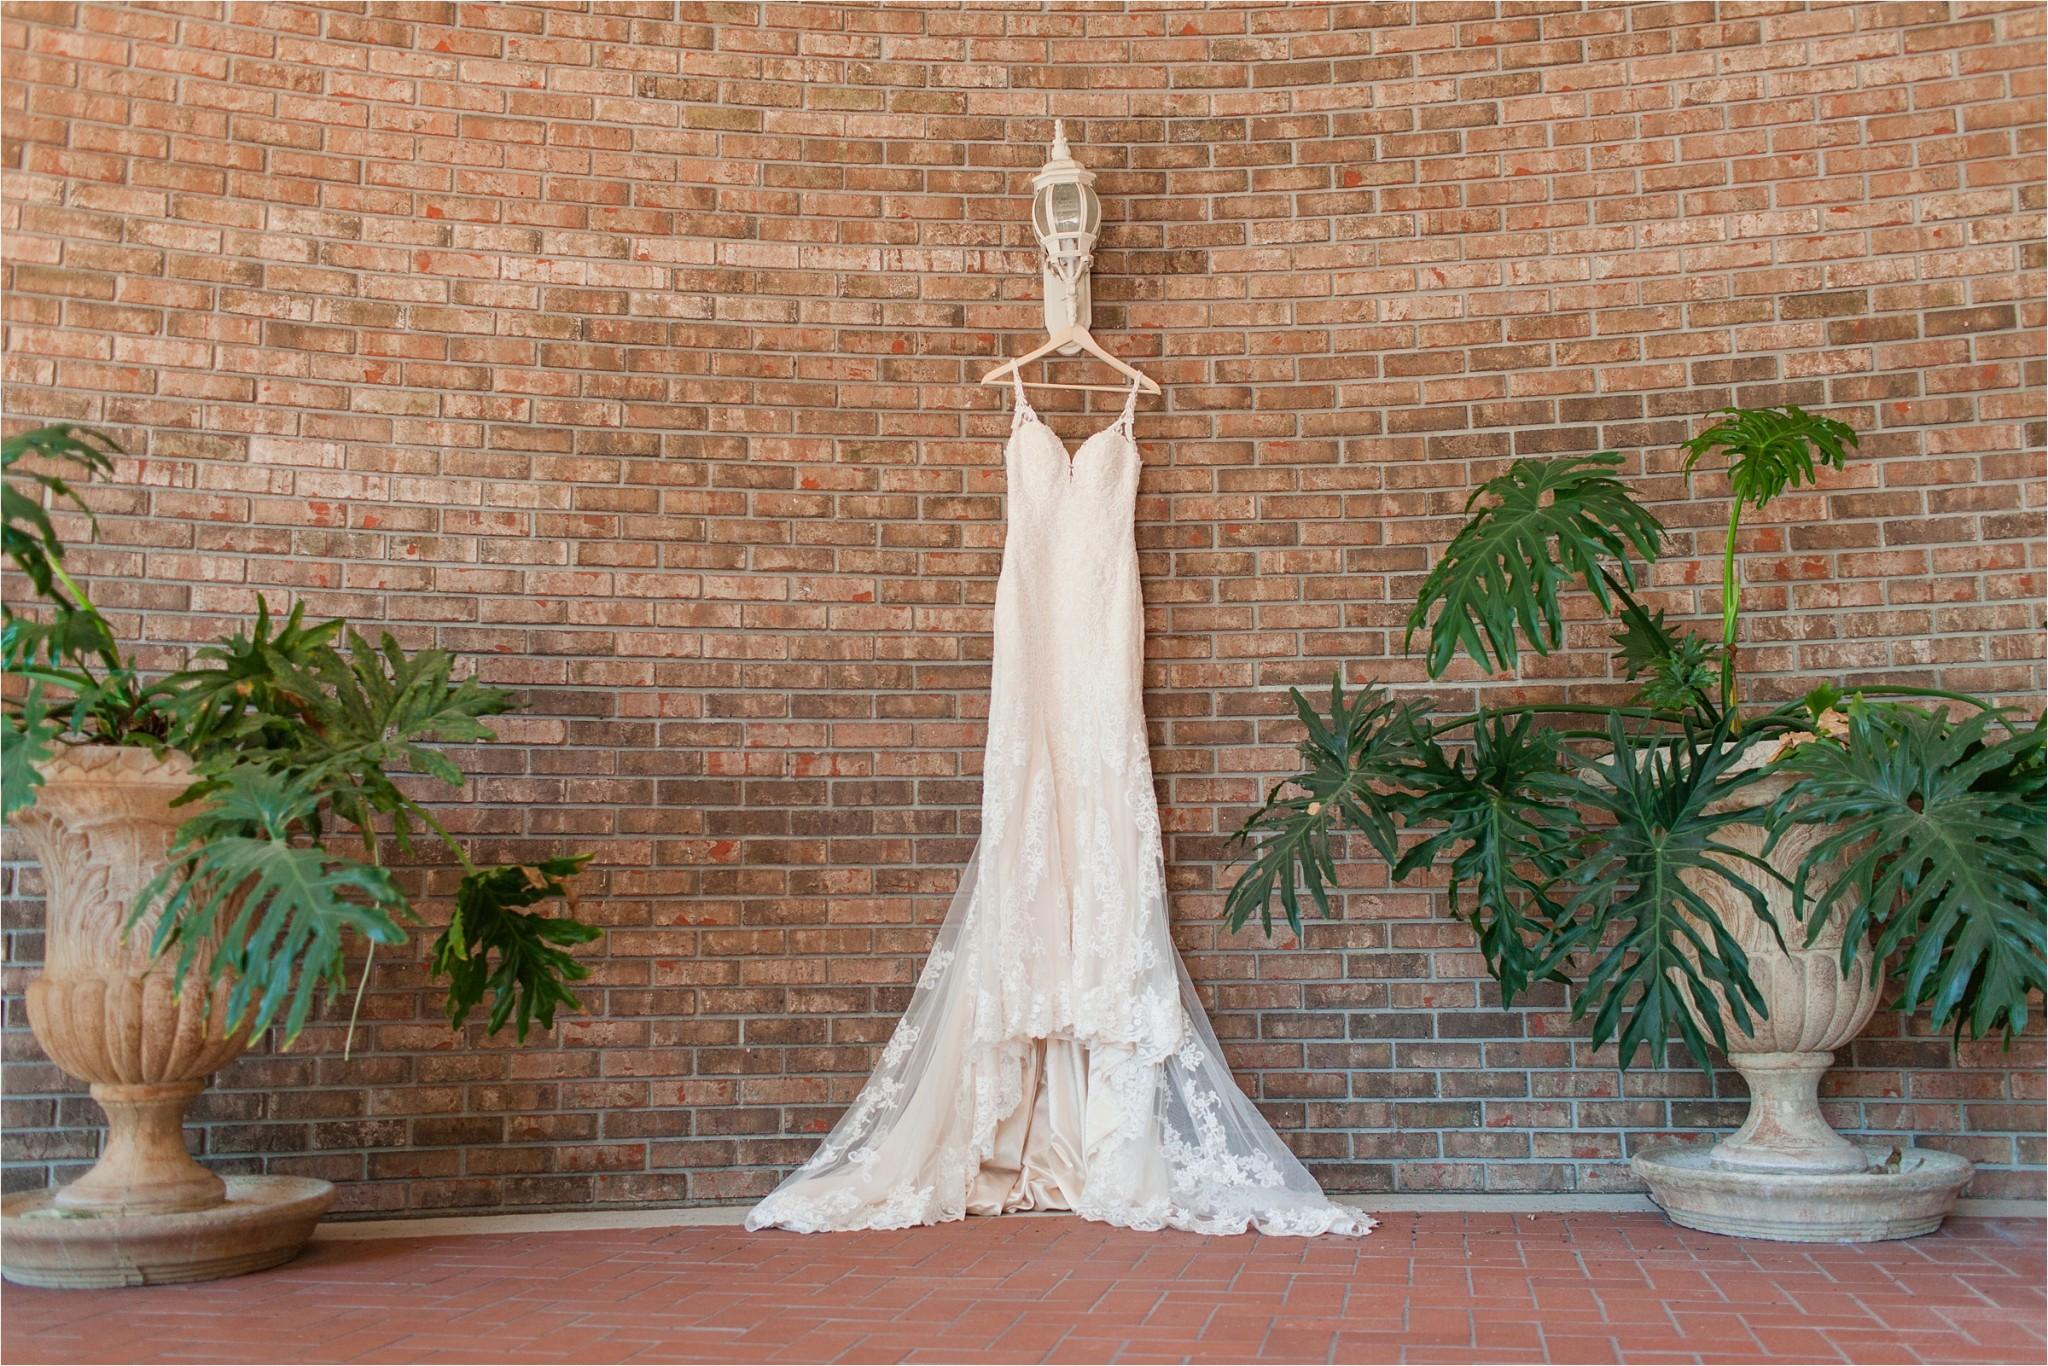 Lewis_Oak_Hollow_Wedding_Fairhope_AL_0001